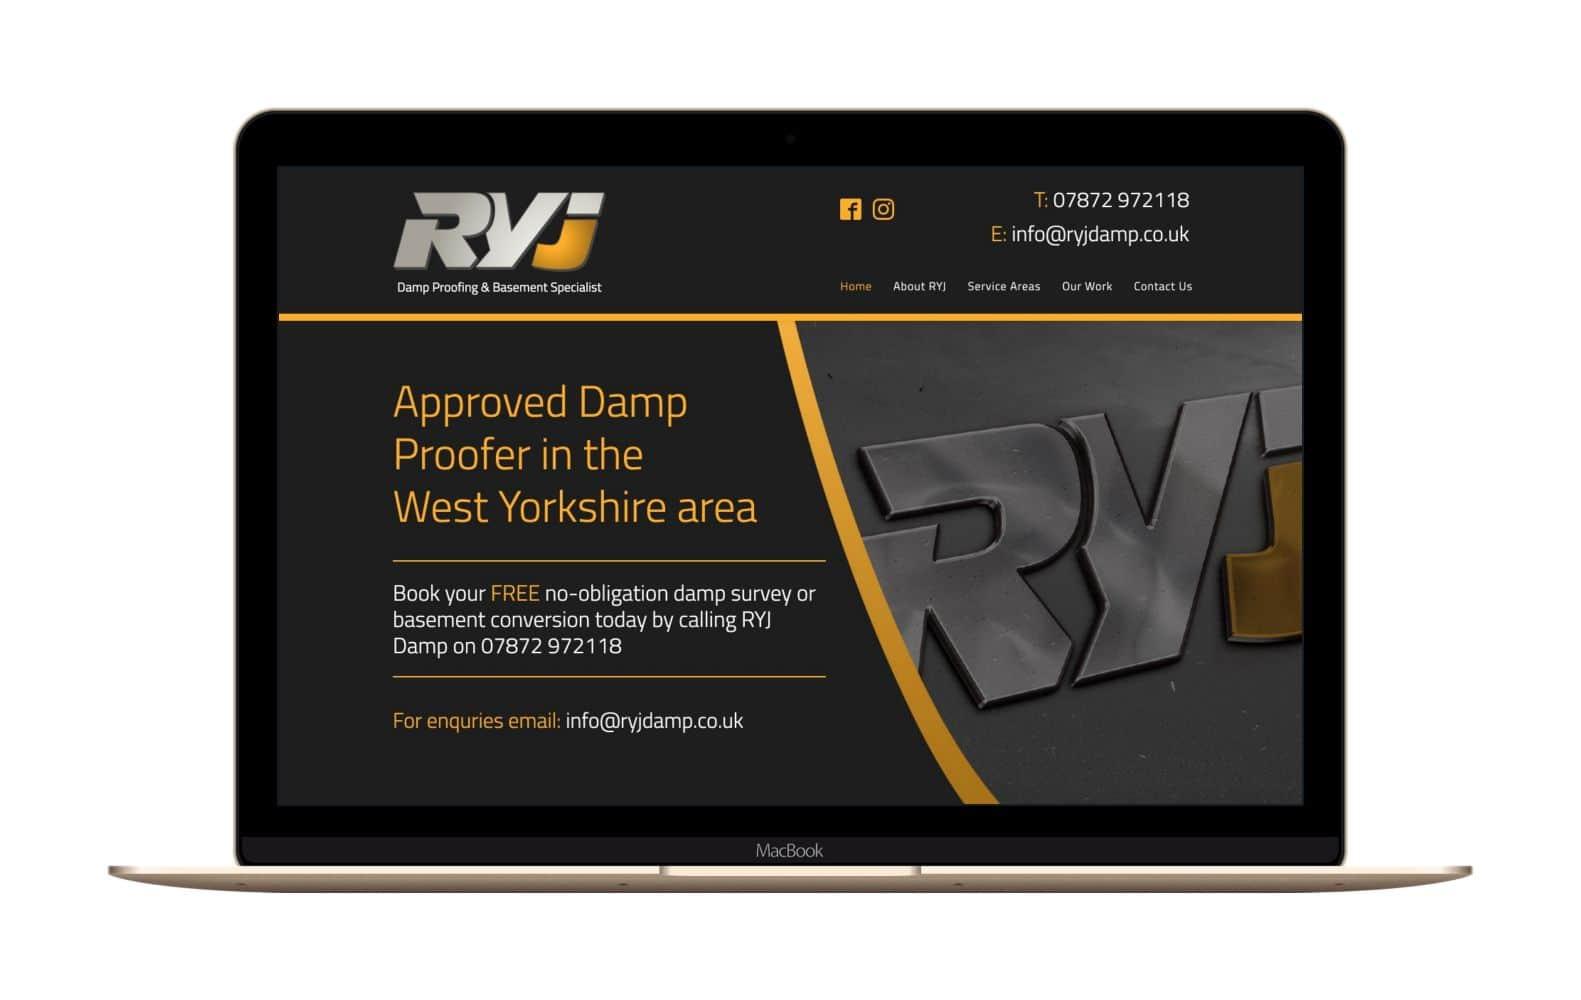 Website Design for RYJ